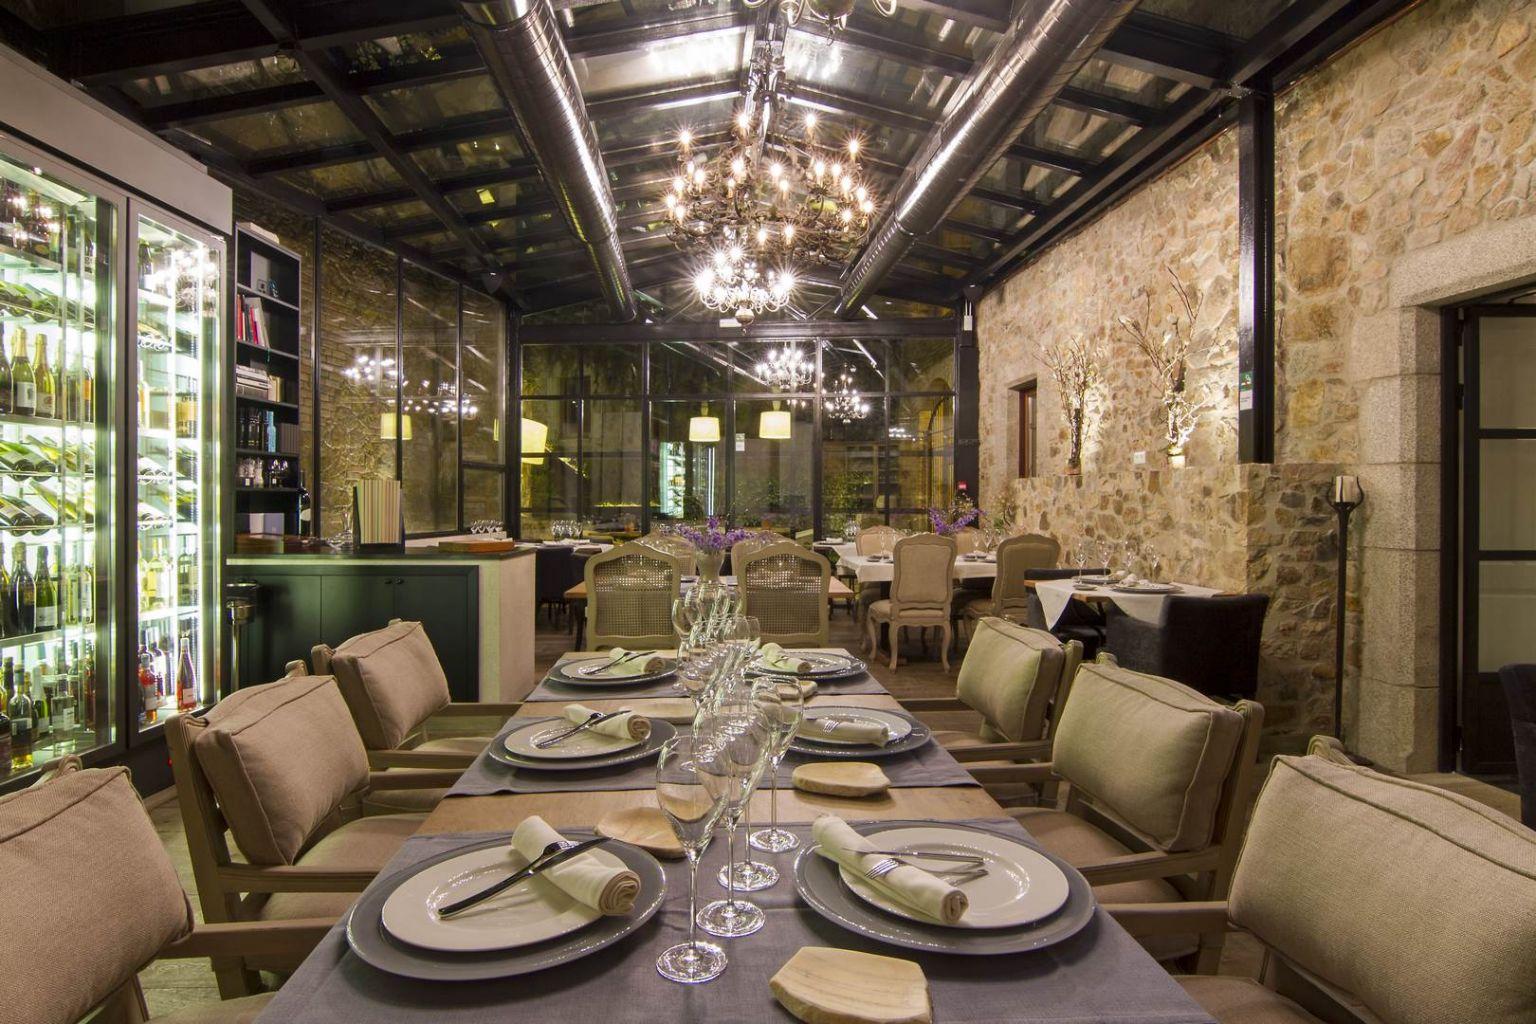 Mediterranean restaurant in tossa de mar can sophia for Sophia house